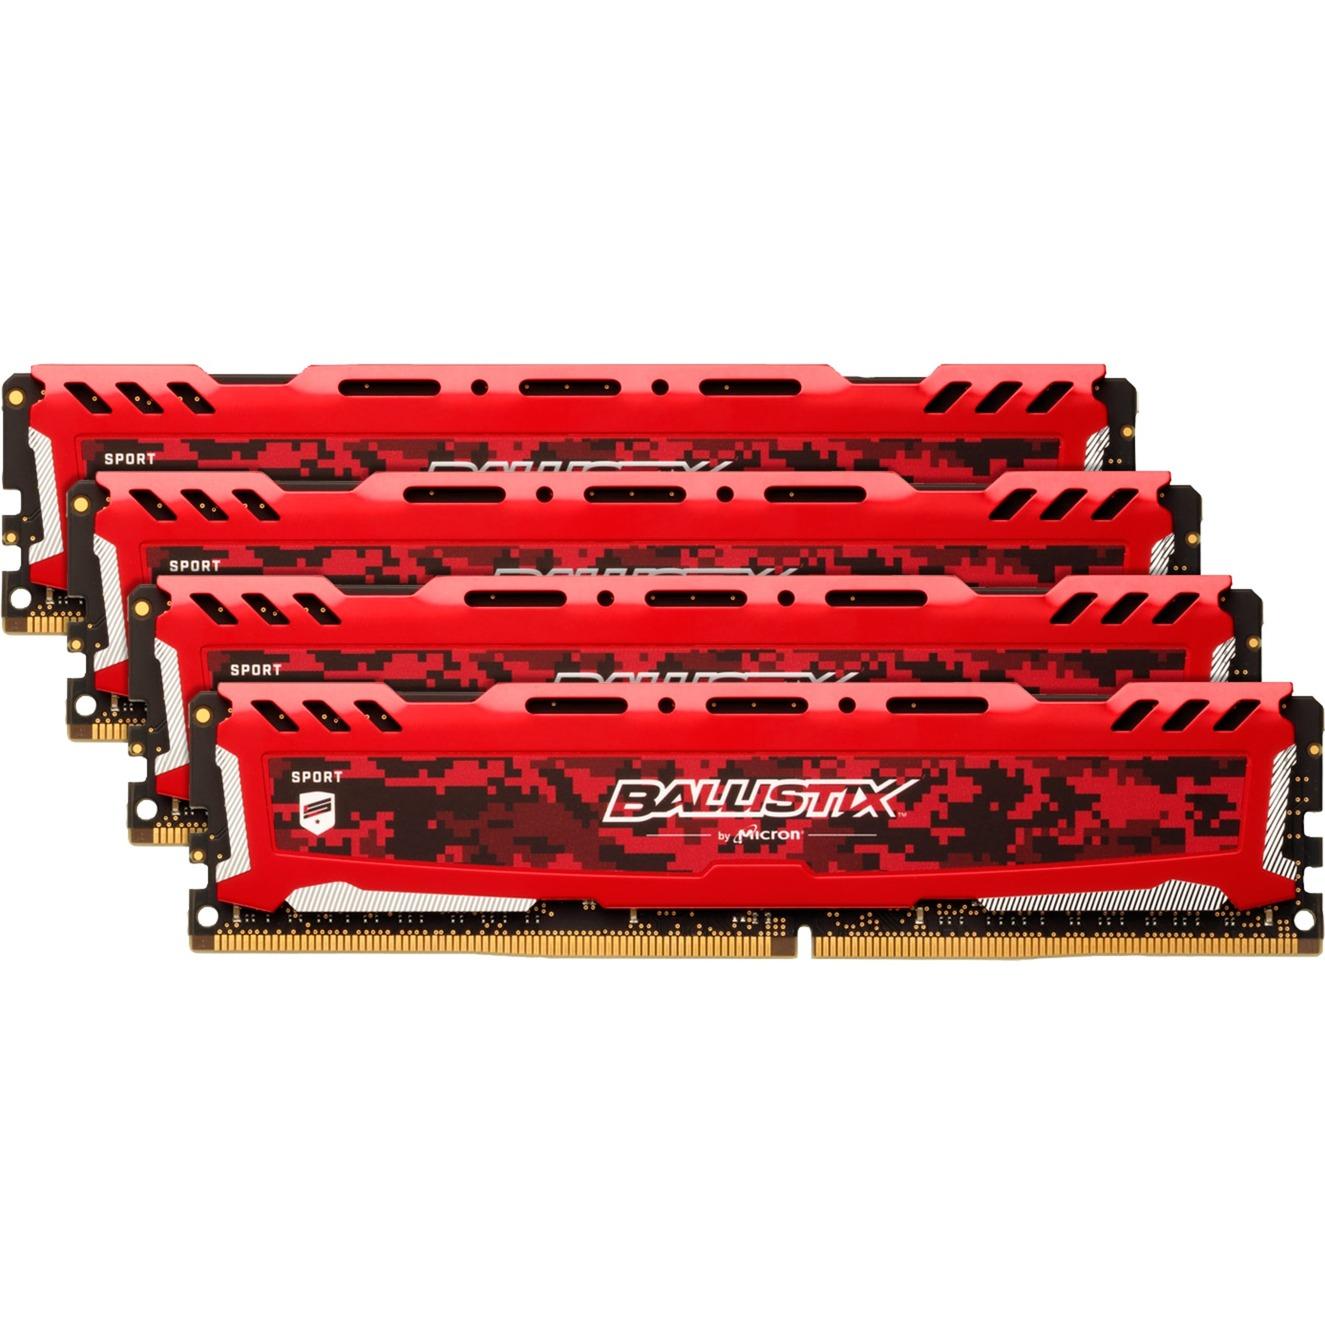 32GB DDR4-2400 32GB DDR4 2400MHz módulo de memoria, Memoria RAM